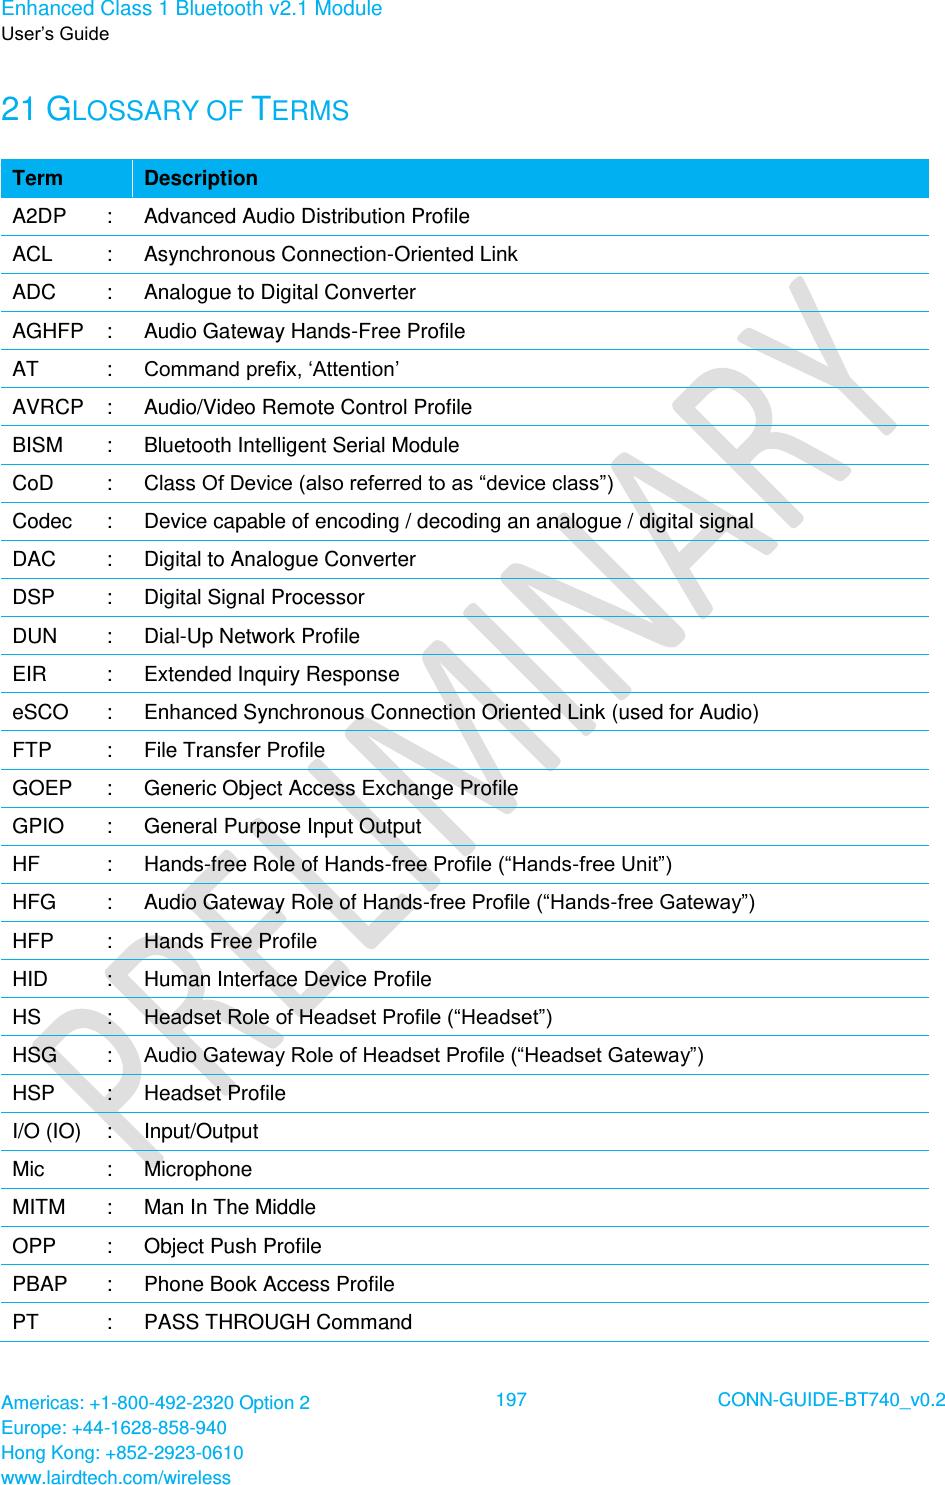 Laird Technologies BT700 Class 1 Bluetooth Data Module User